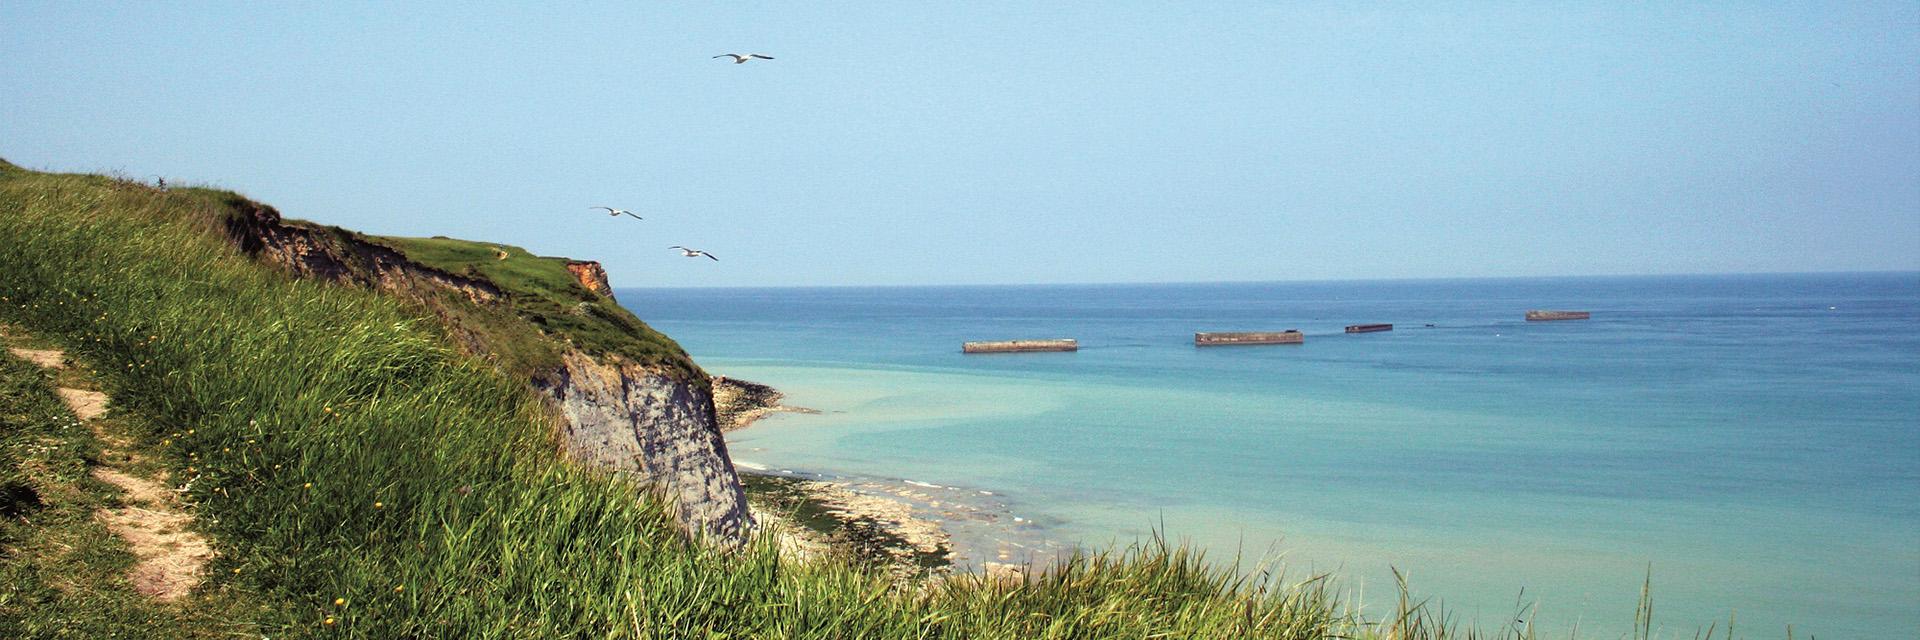 Village_club_vacances_normandie-et-cote-dopale-bon-séjour-mer-plage